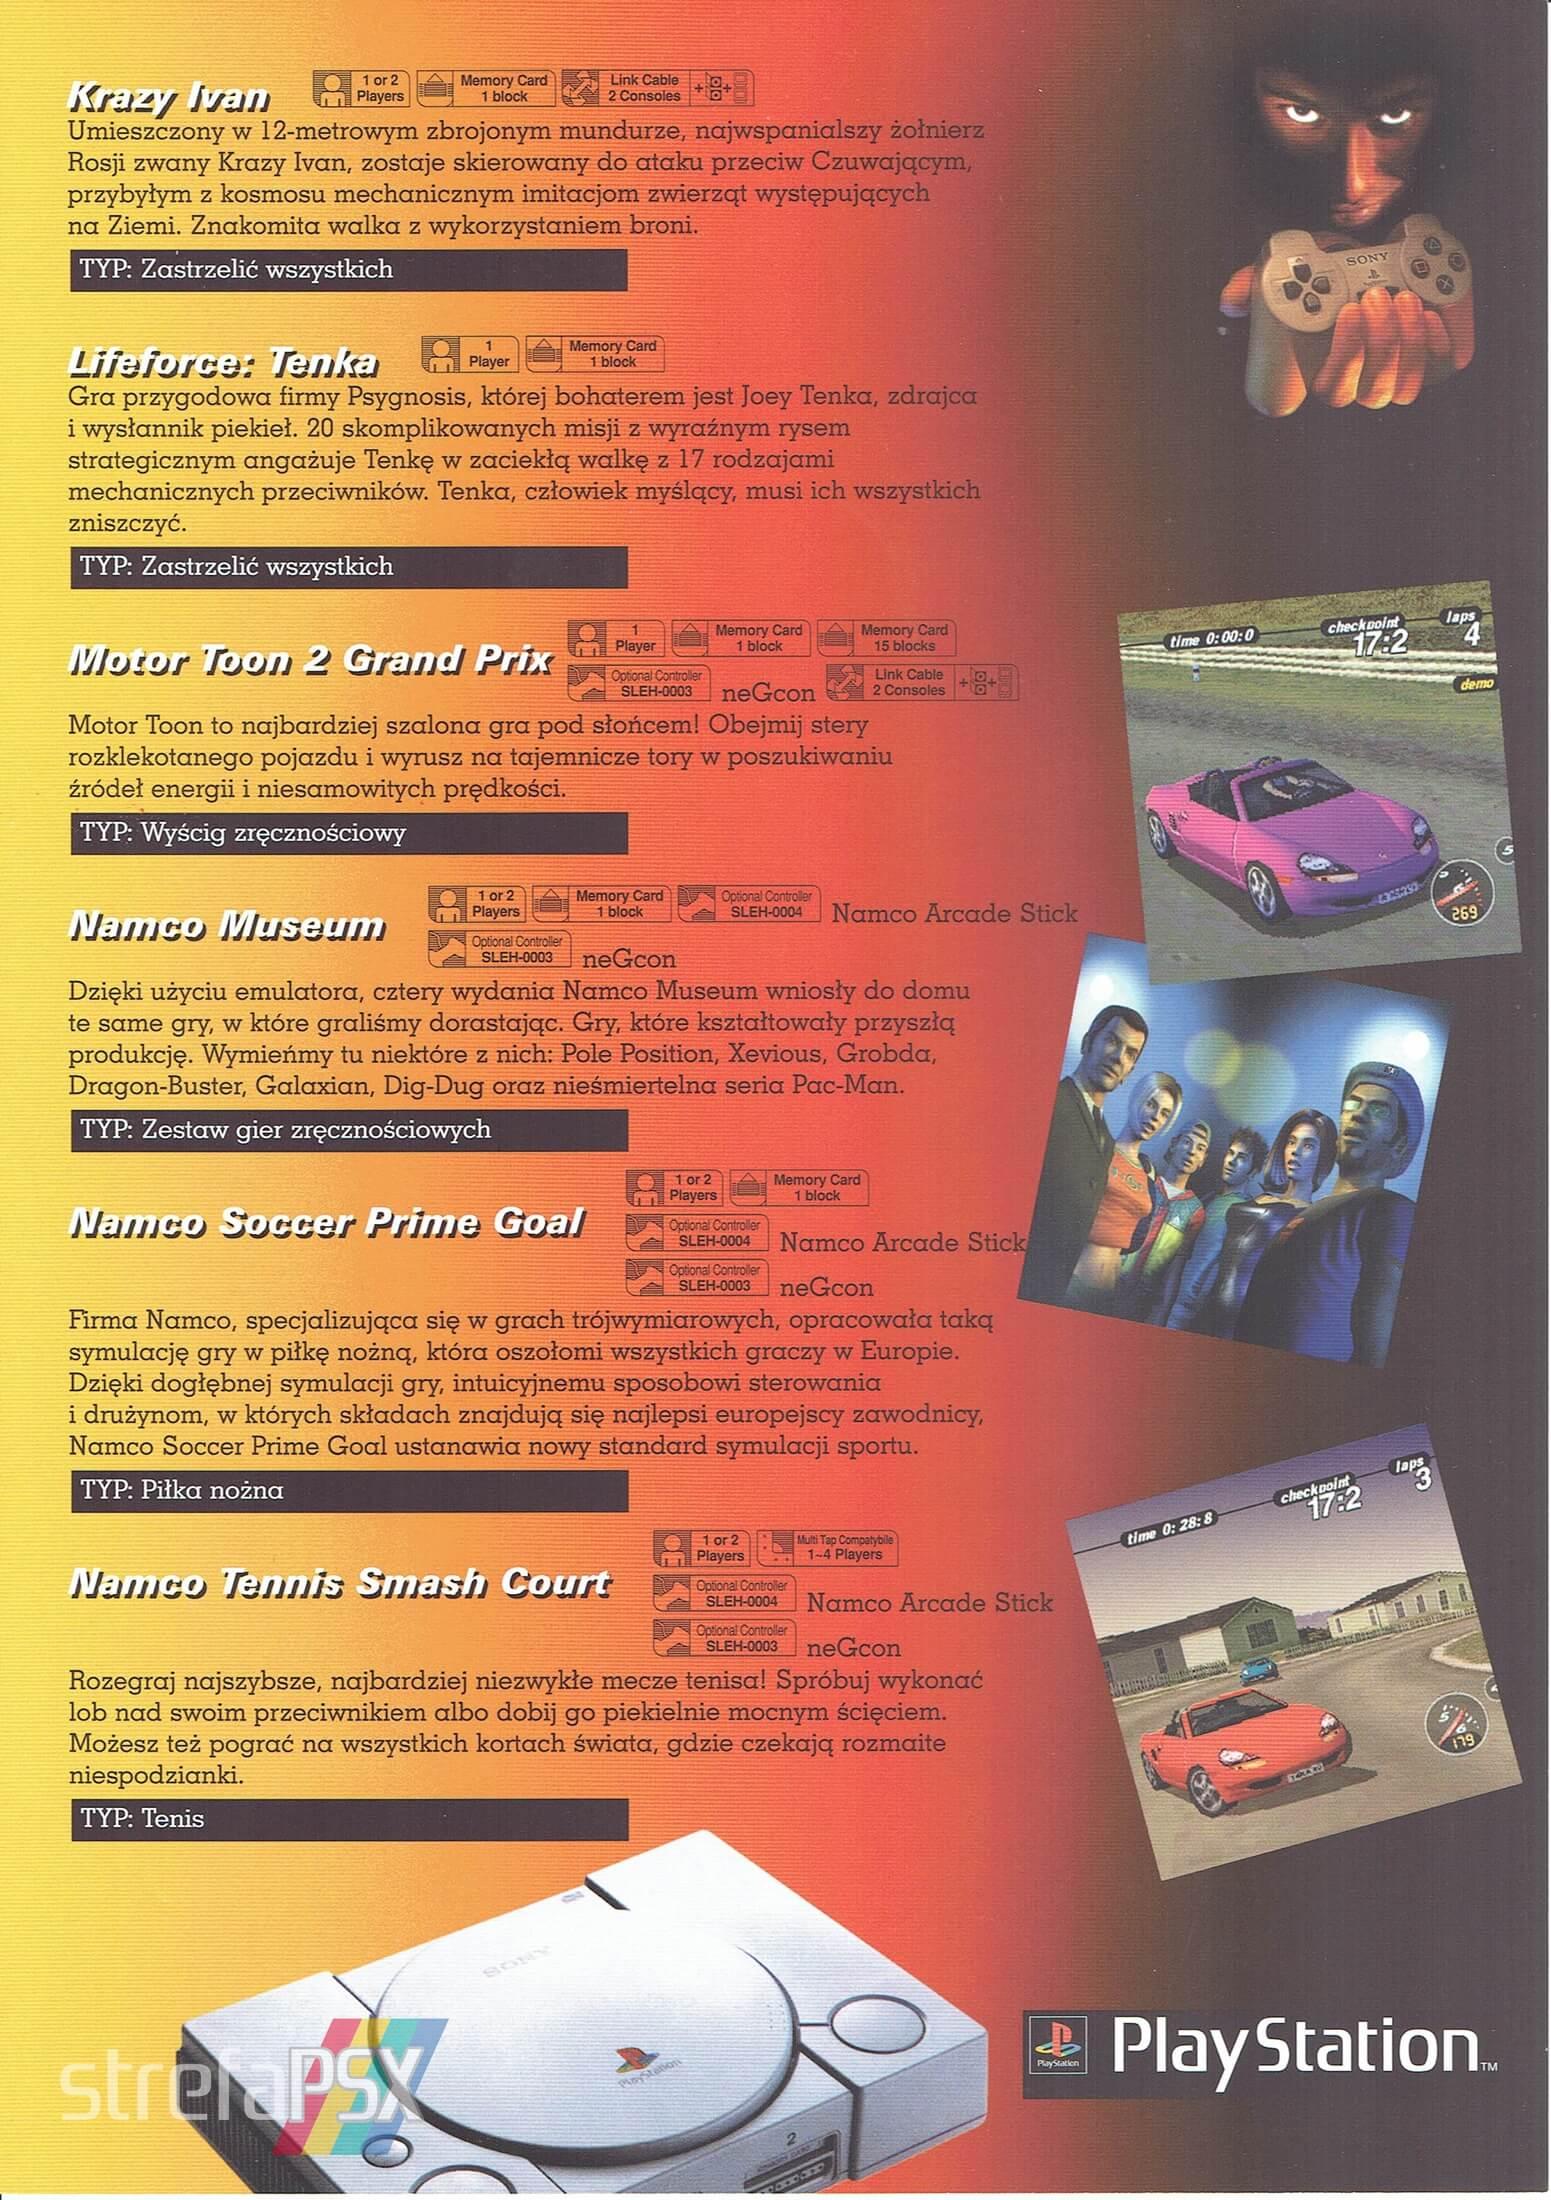 broszura reklamowa psx 14 - Broszury reklamowe PlayStation z dawnych lat